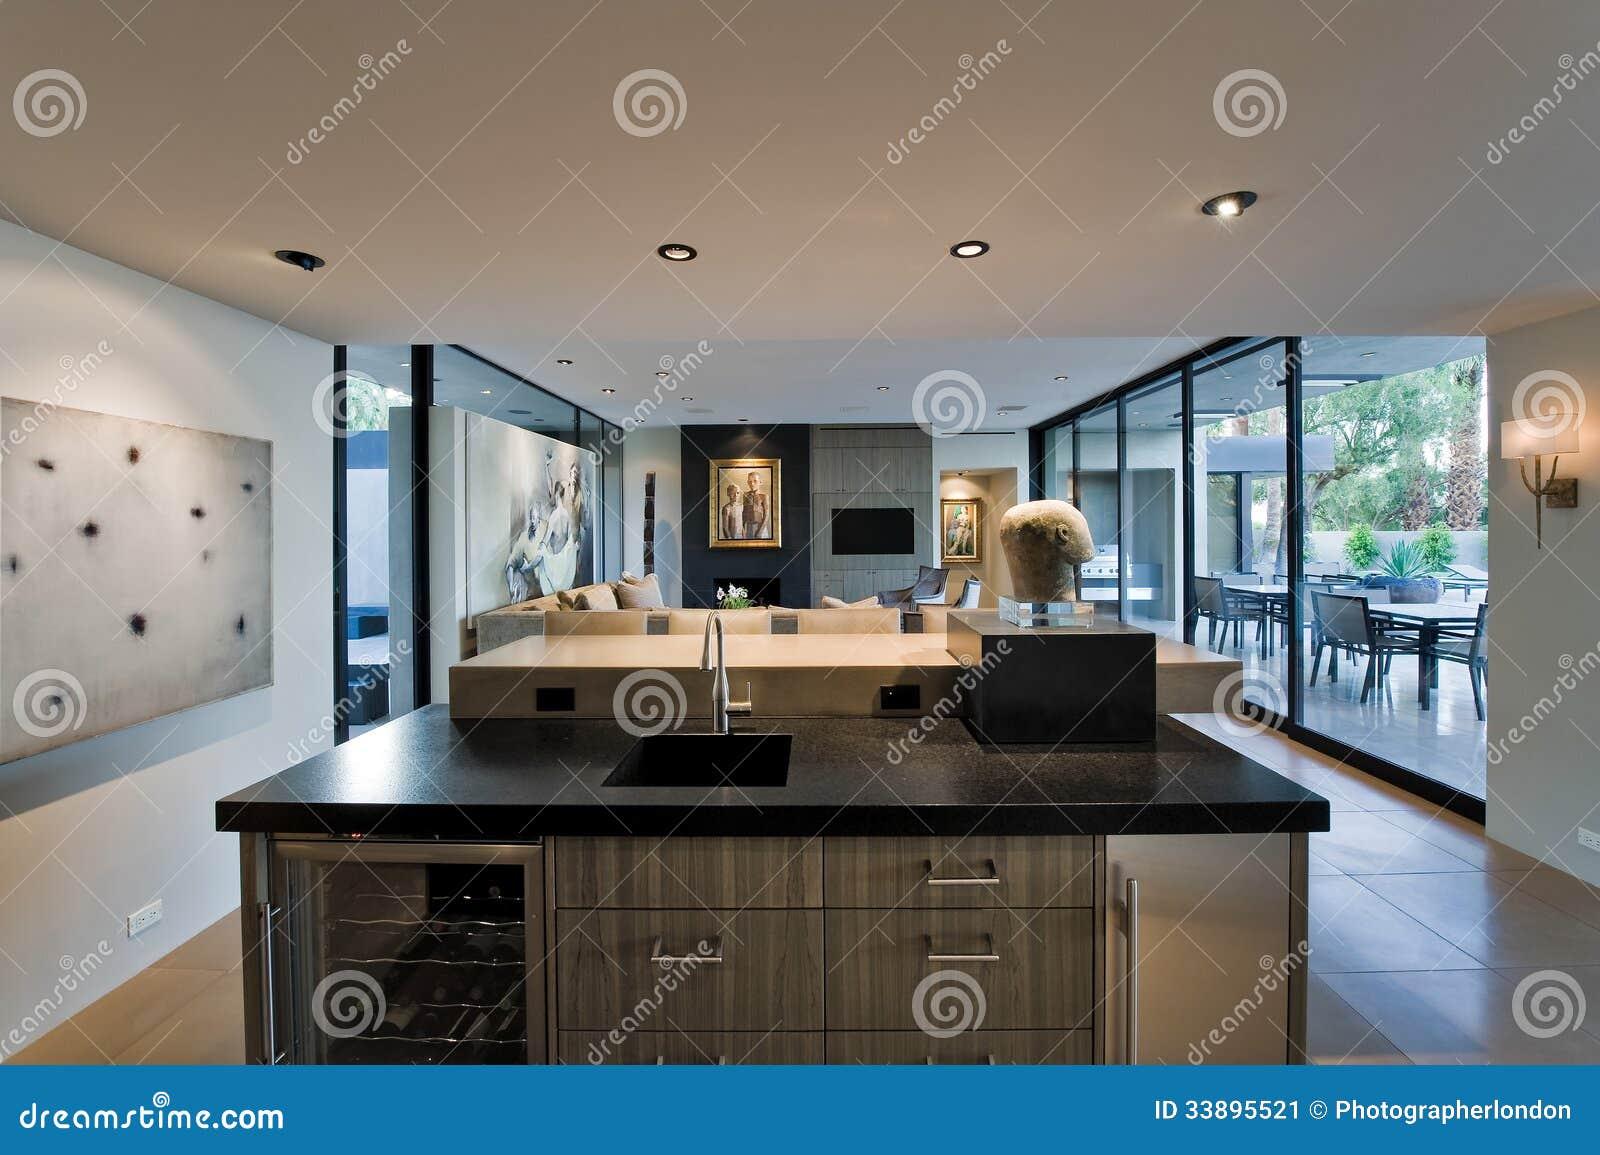 cuisine moderne avec le salon et le porche derri re image. Black Bedroom Furniture Sets. Home Design Ideas